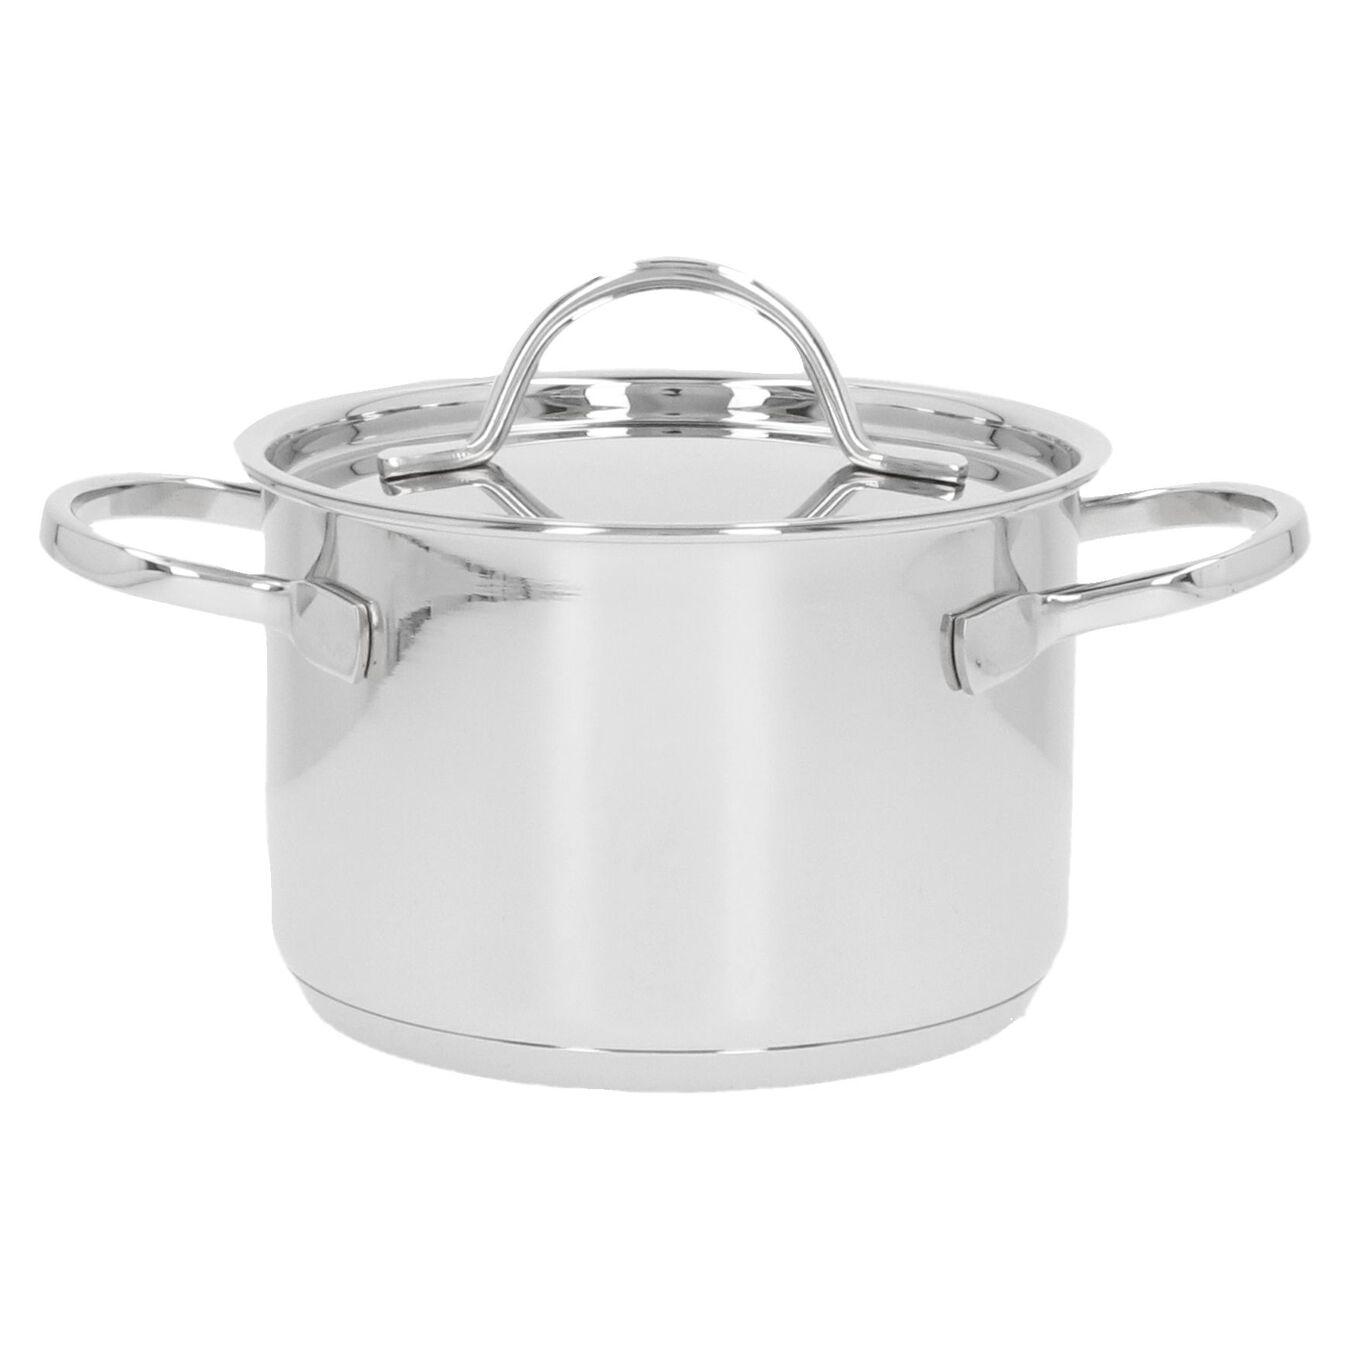 Set de casseroles, 4-pces,,large 8